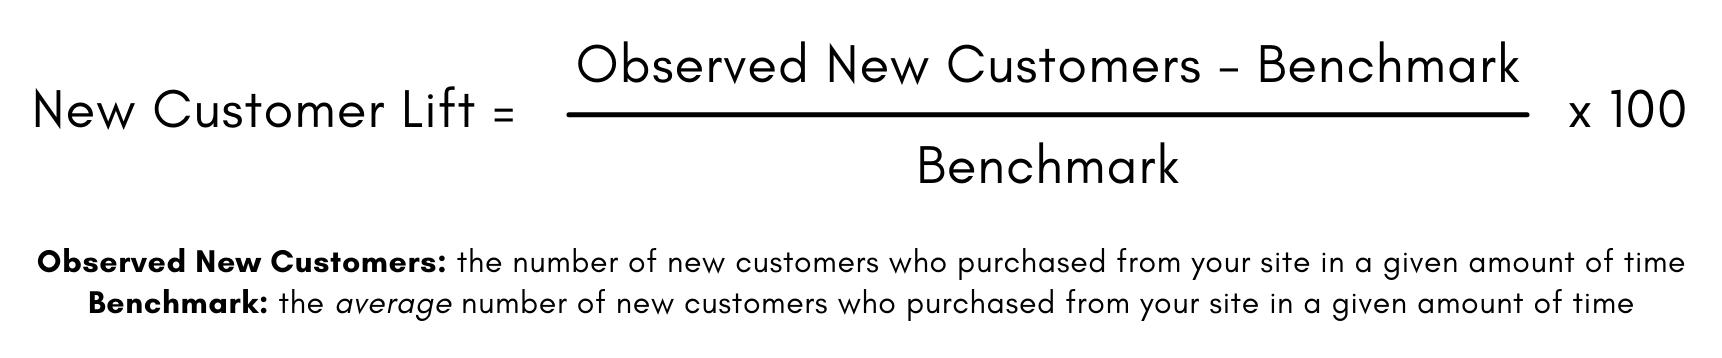 Formule pour l'augmentation de la clientèle: nombre de nouveaux clients moins l'indice de référence, divisé par l'indice de référence, multiplié par 100.